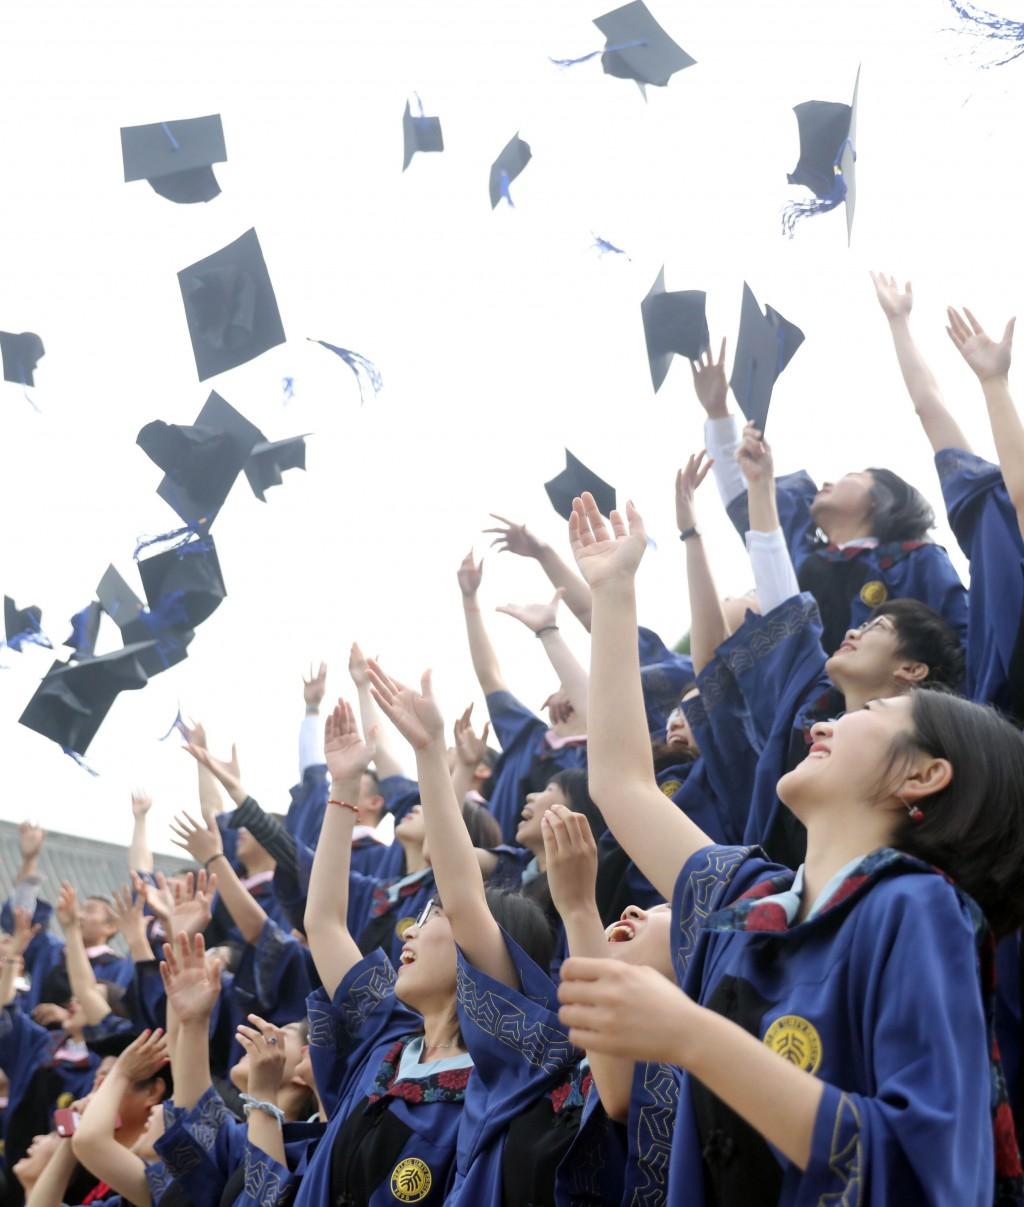 中國大陸上海市8月推出新規,開放北京大學、北京清 華大學畢業生在今年底以前可以直接申請落戶上海,不 需要通過落戶評分制度。圖為北京大學畢業